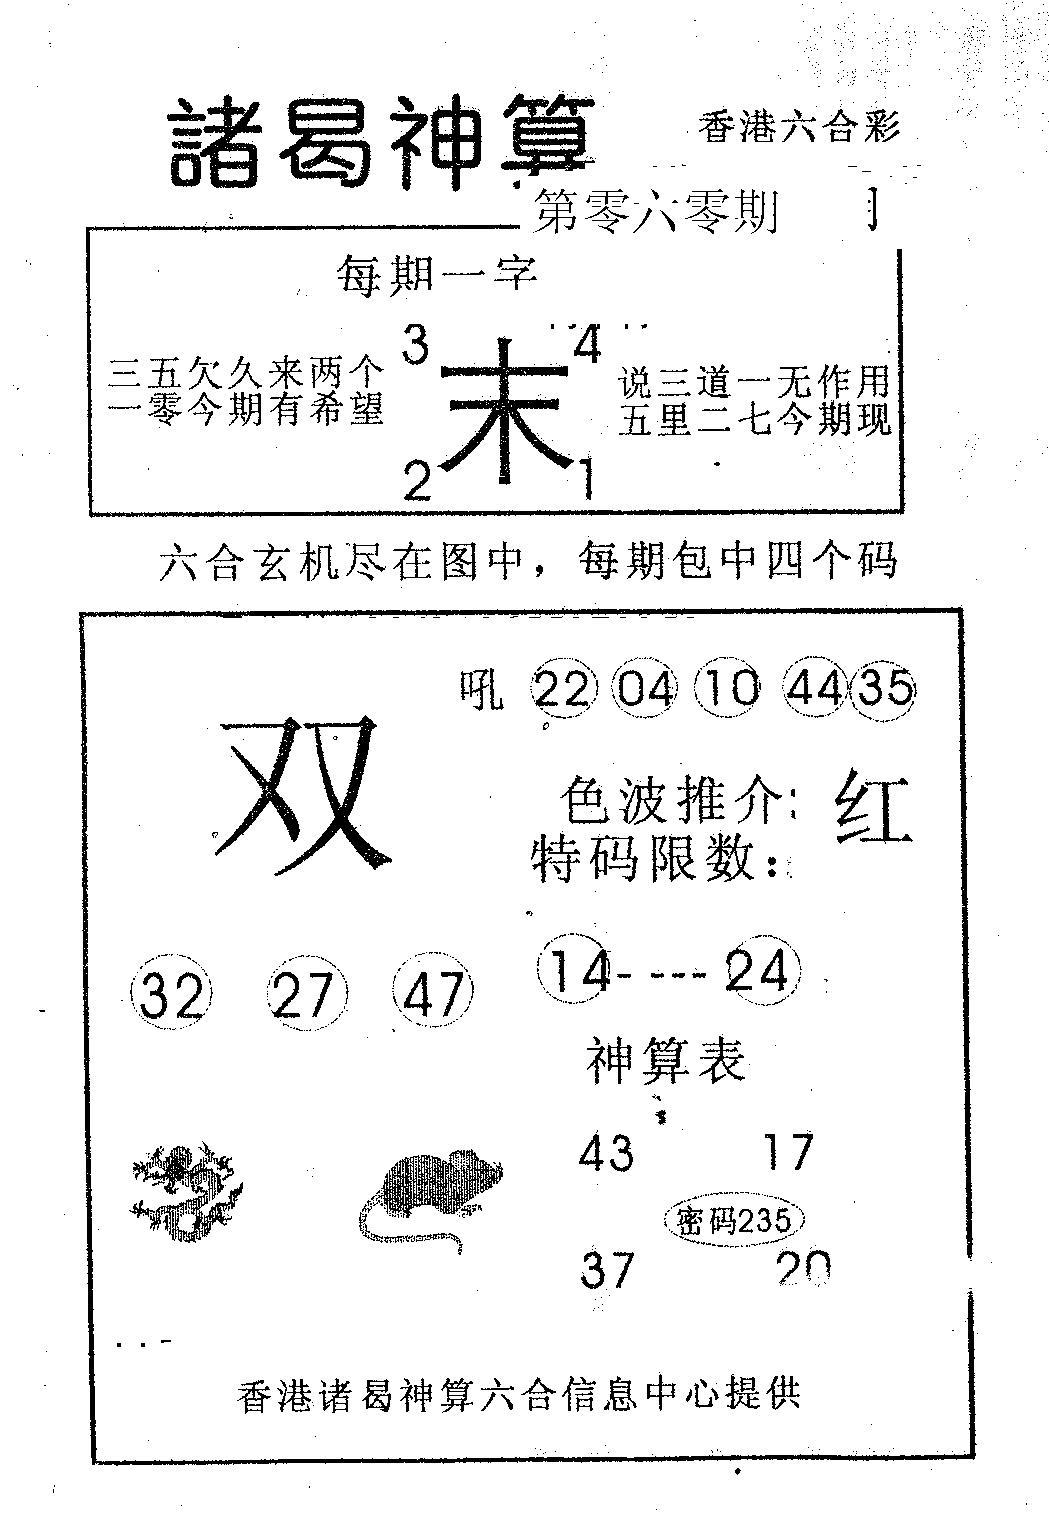 060期诸曷神算(黑白)